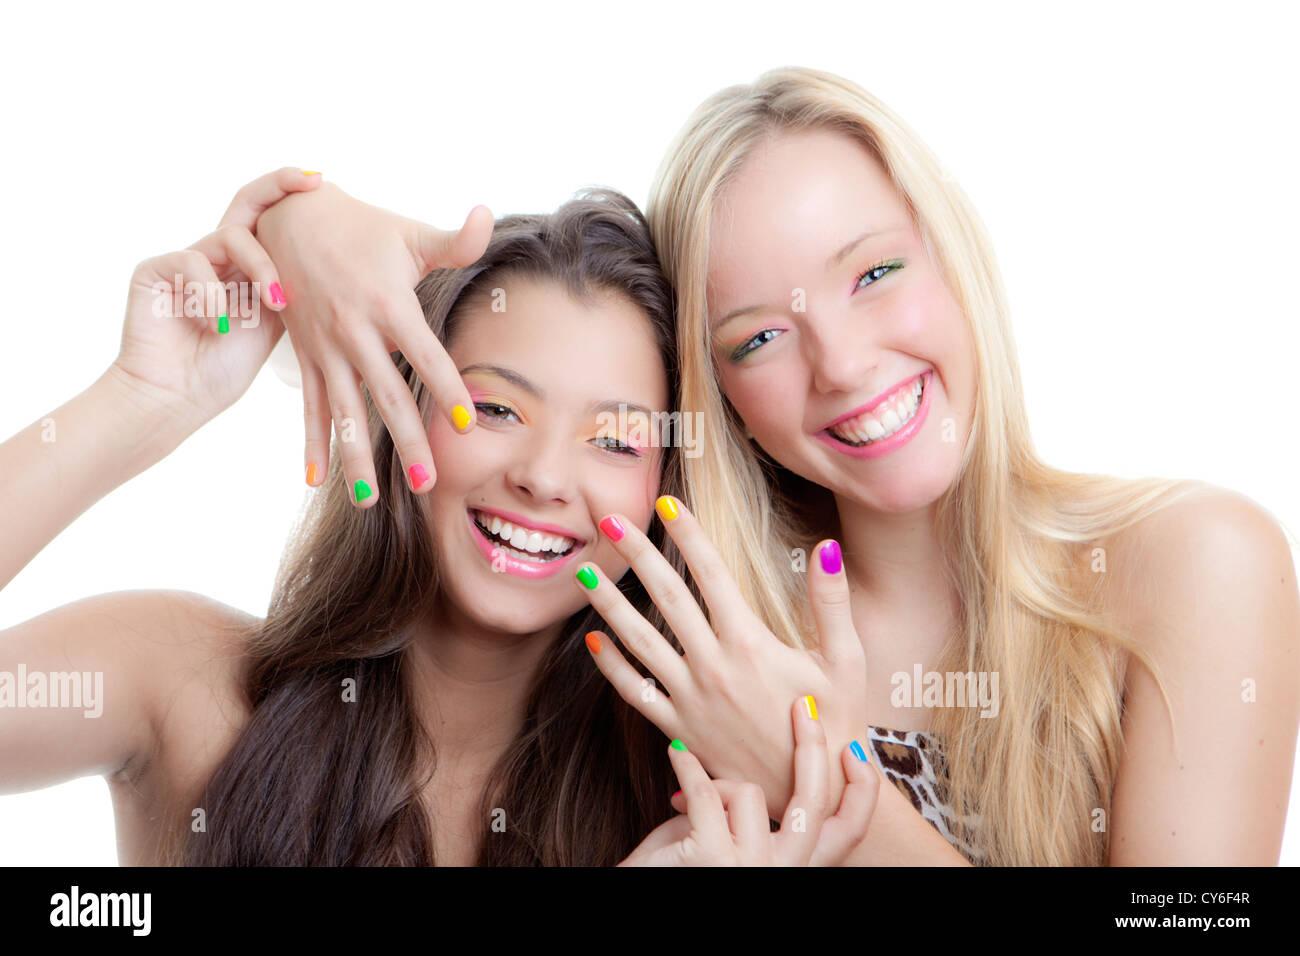 teens nails, young girls with bright make up and nail varnish - Stock Image